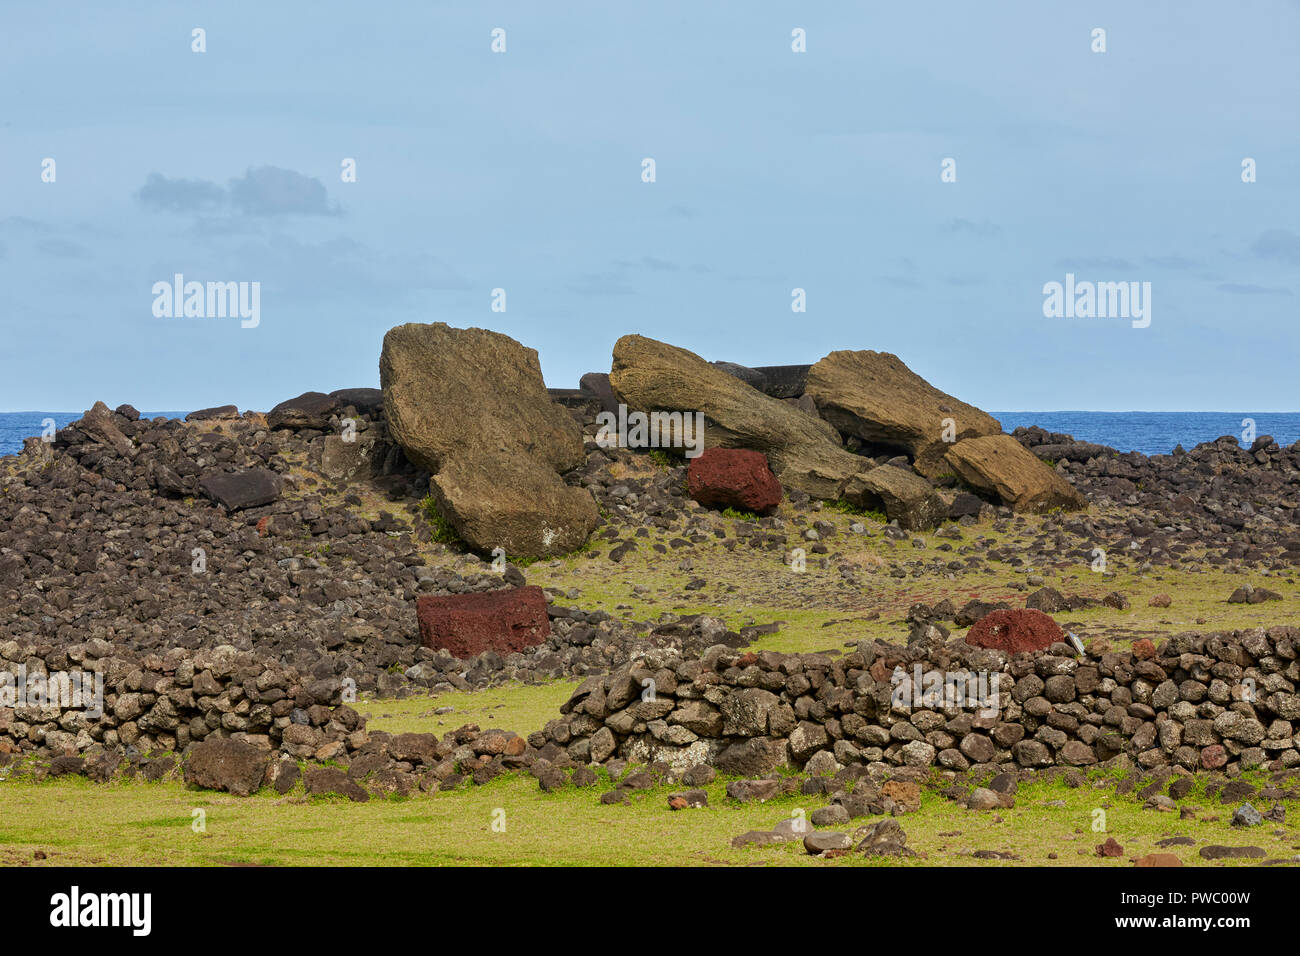 Laying Moais at Ahu Ura Uranga Te Mahina Ura-Uranga Moai fallen, Easter Island, Rapa Nui, Isla de Pascua - Stock Image